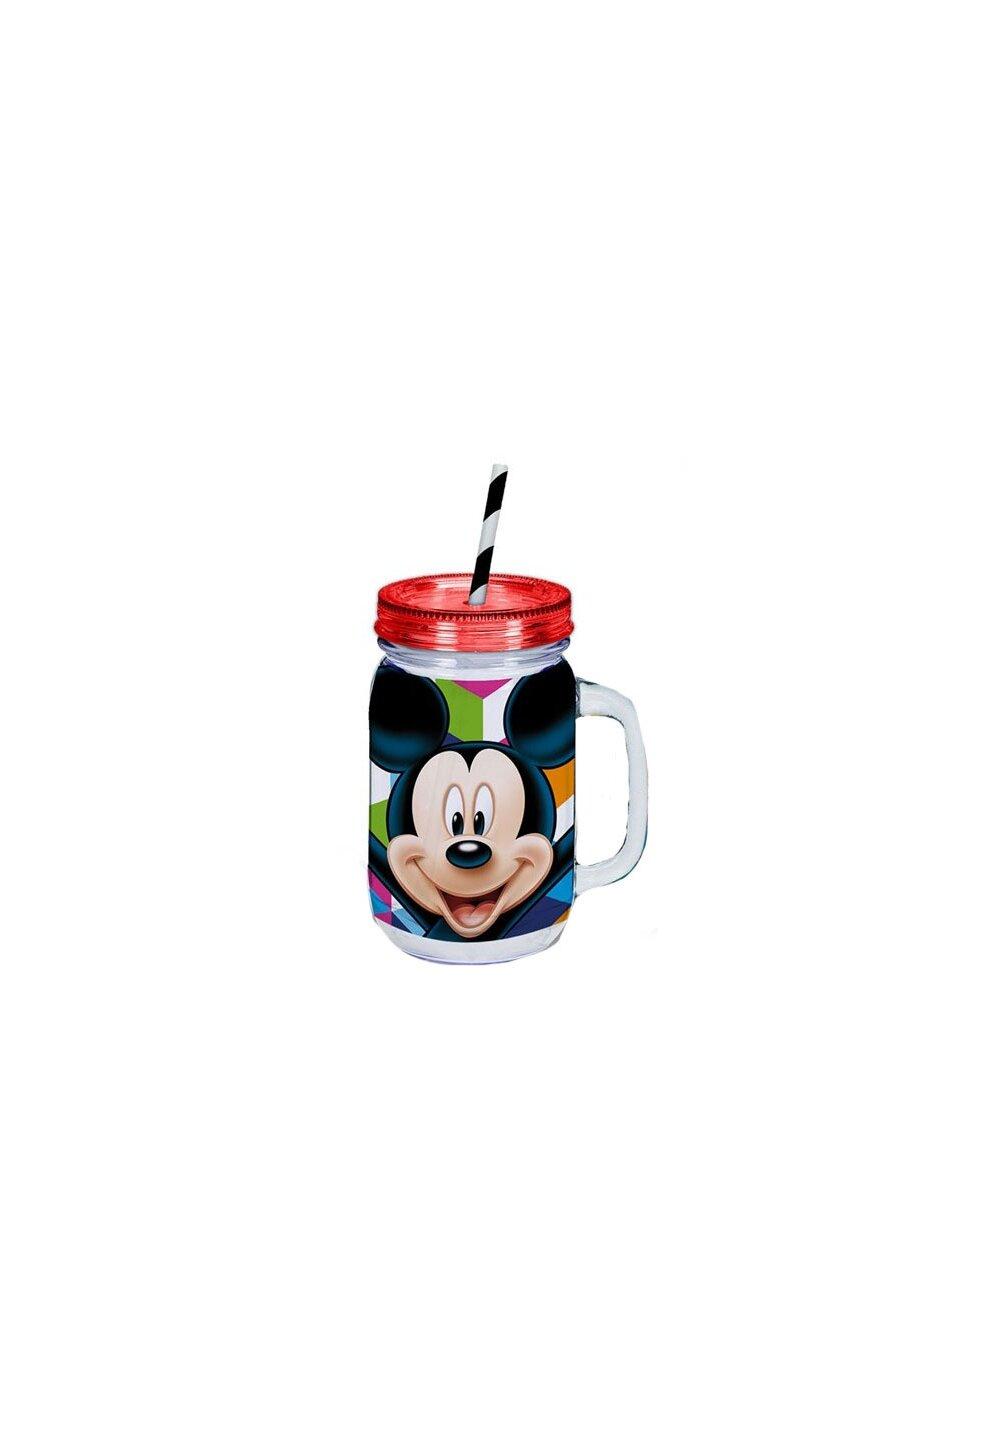 Cana cu pai, Mickey Mouse, rosu cu dungi imagine